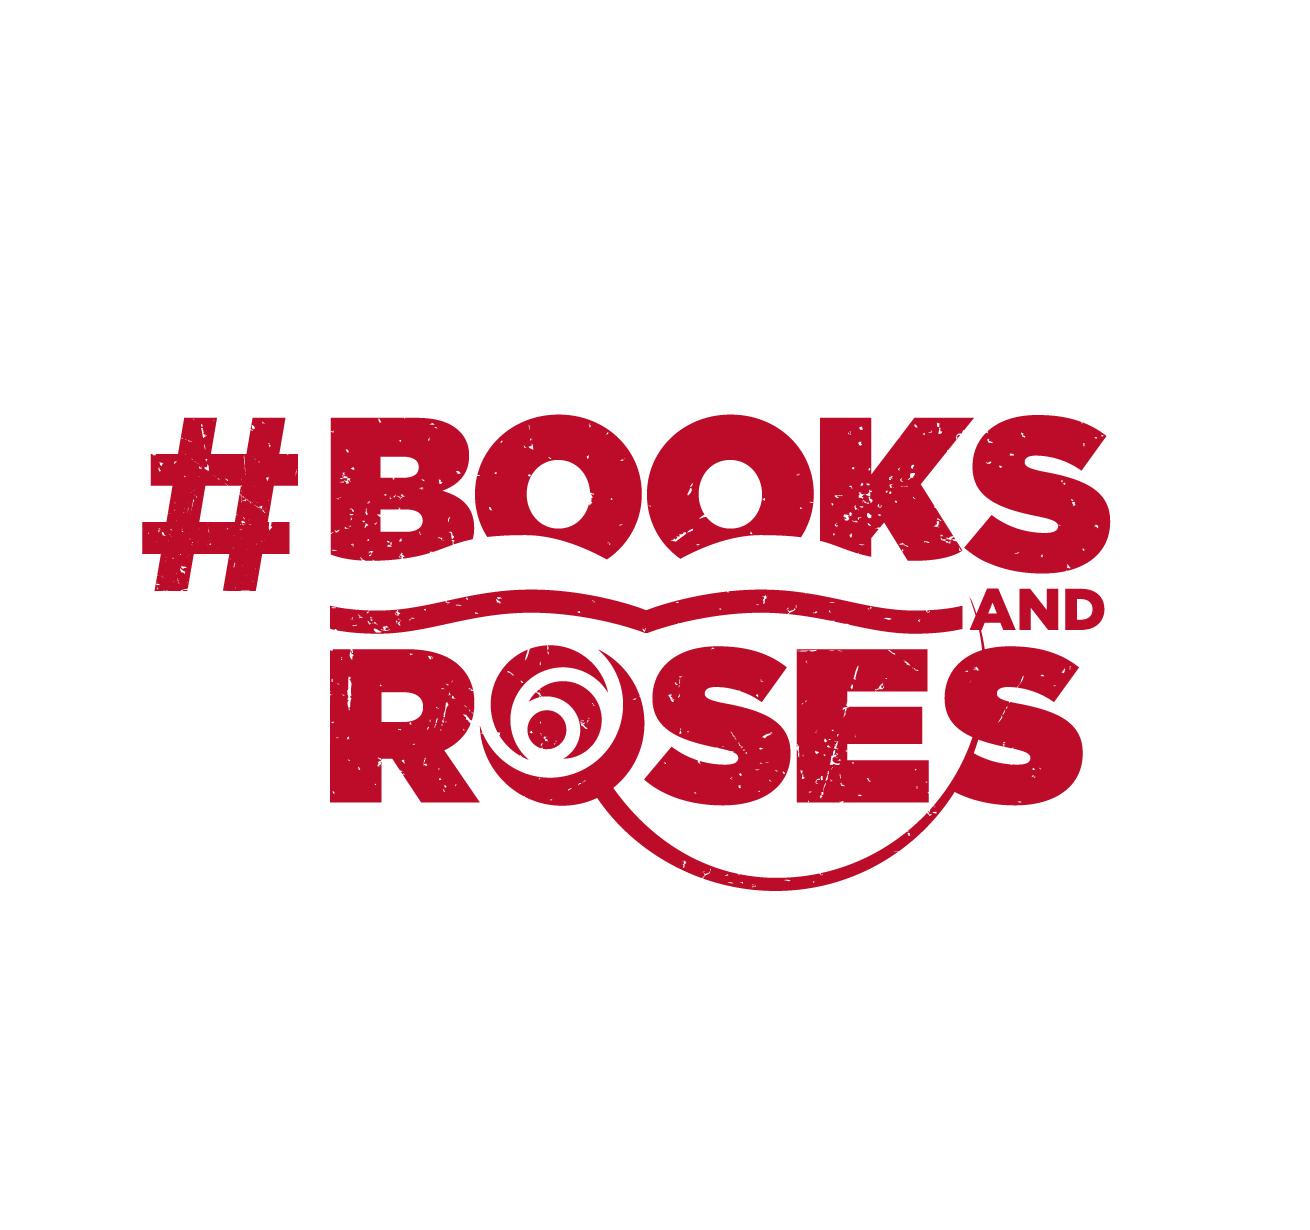 La realitat es transforma, l'essència es manté. Com serà #BooksAndRoses2021?